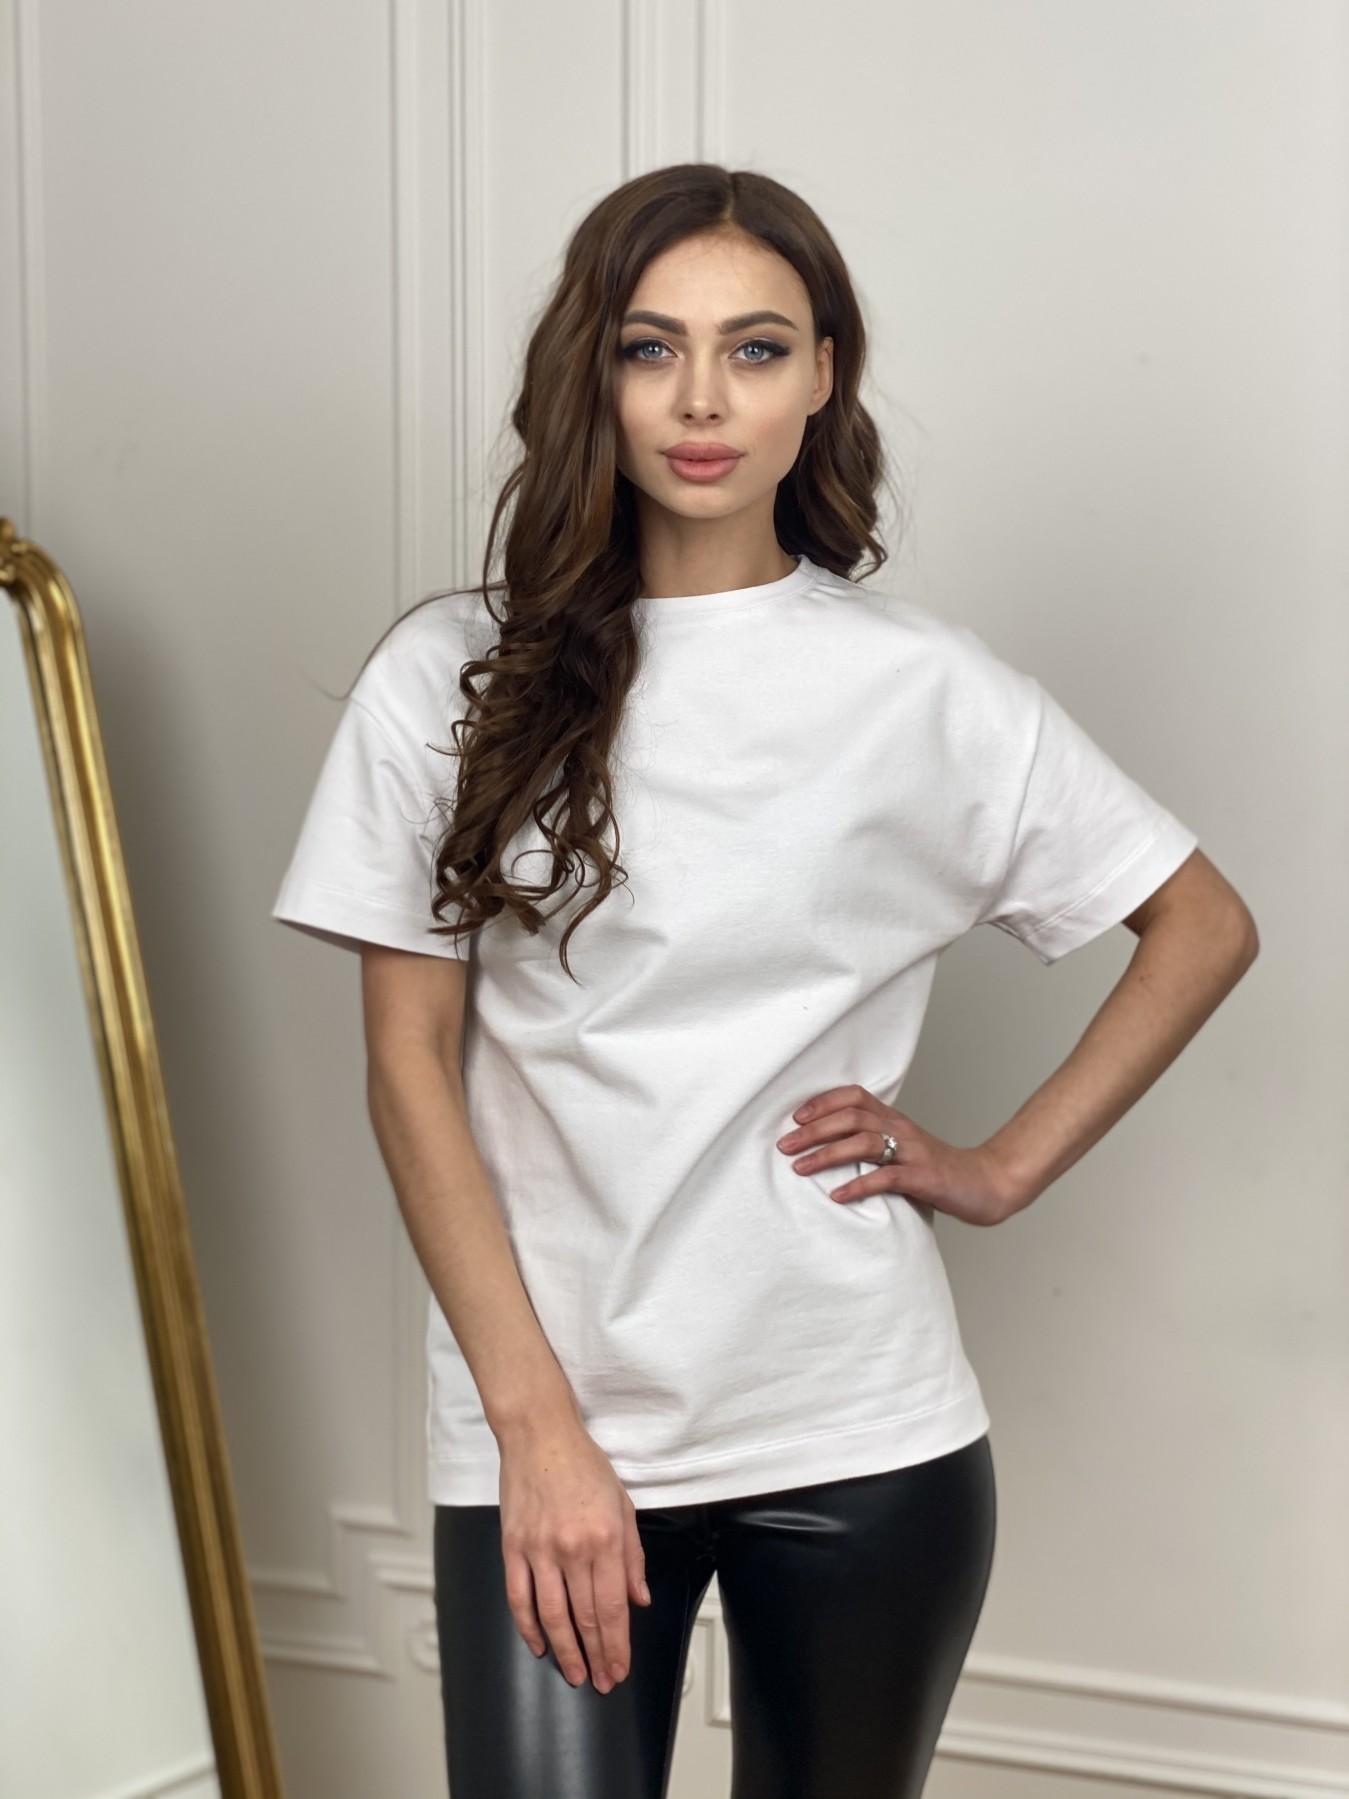 Скипер футболка трикотажная из двунитки  10593 АРТ. 46941 Цвет: Белый - фото 1, интернет магазин tm-modus.ru